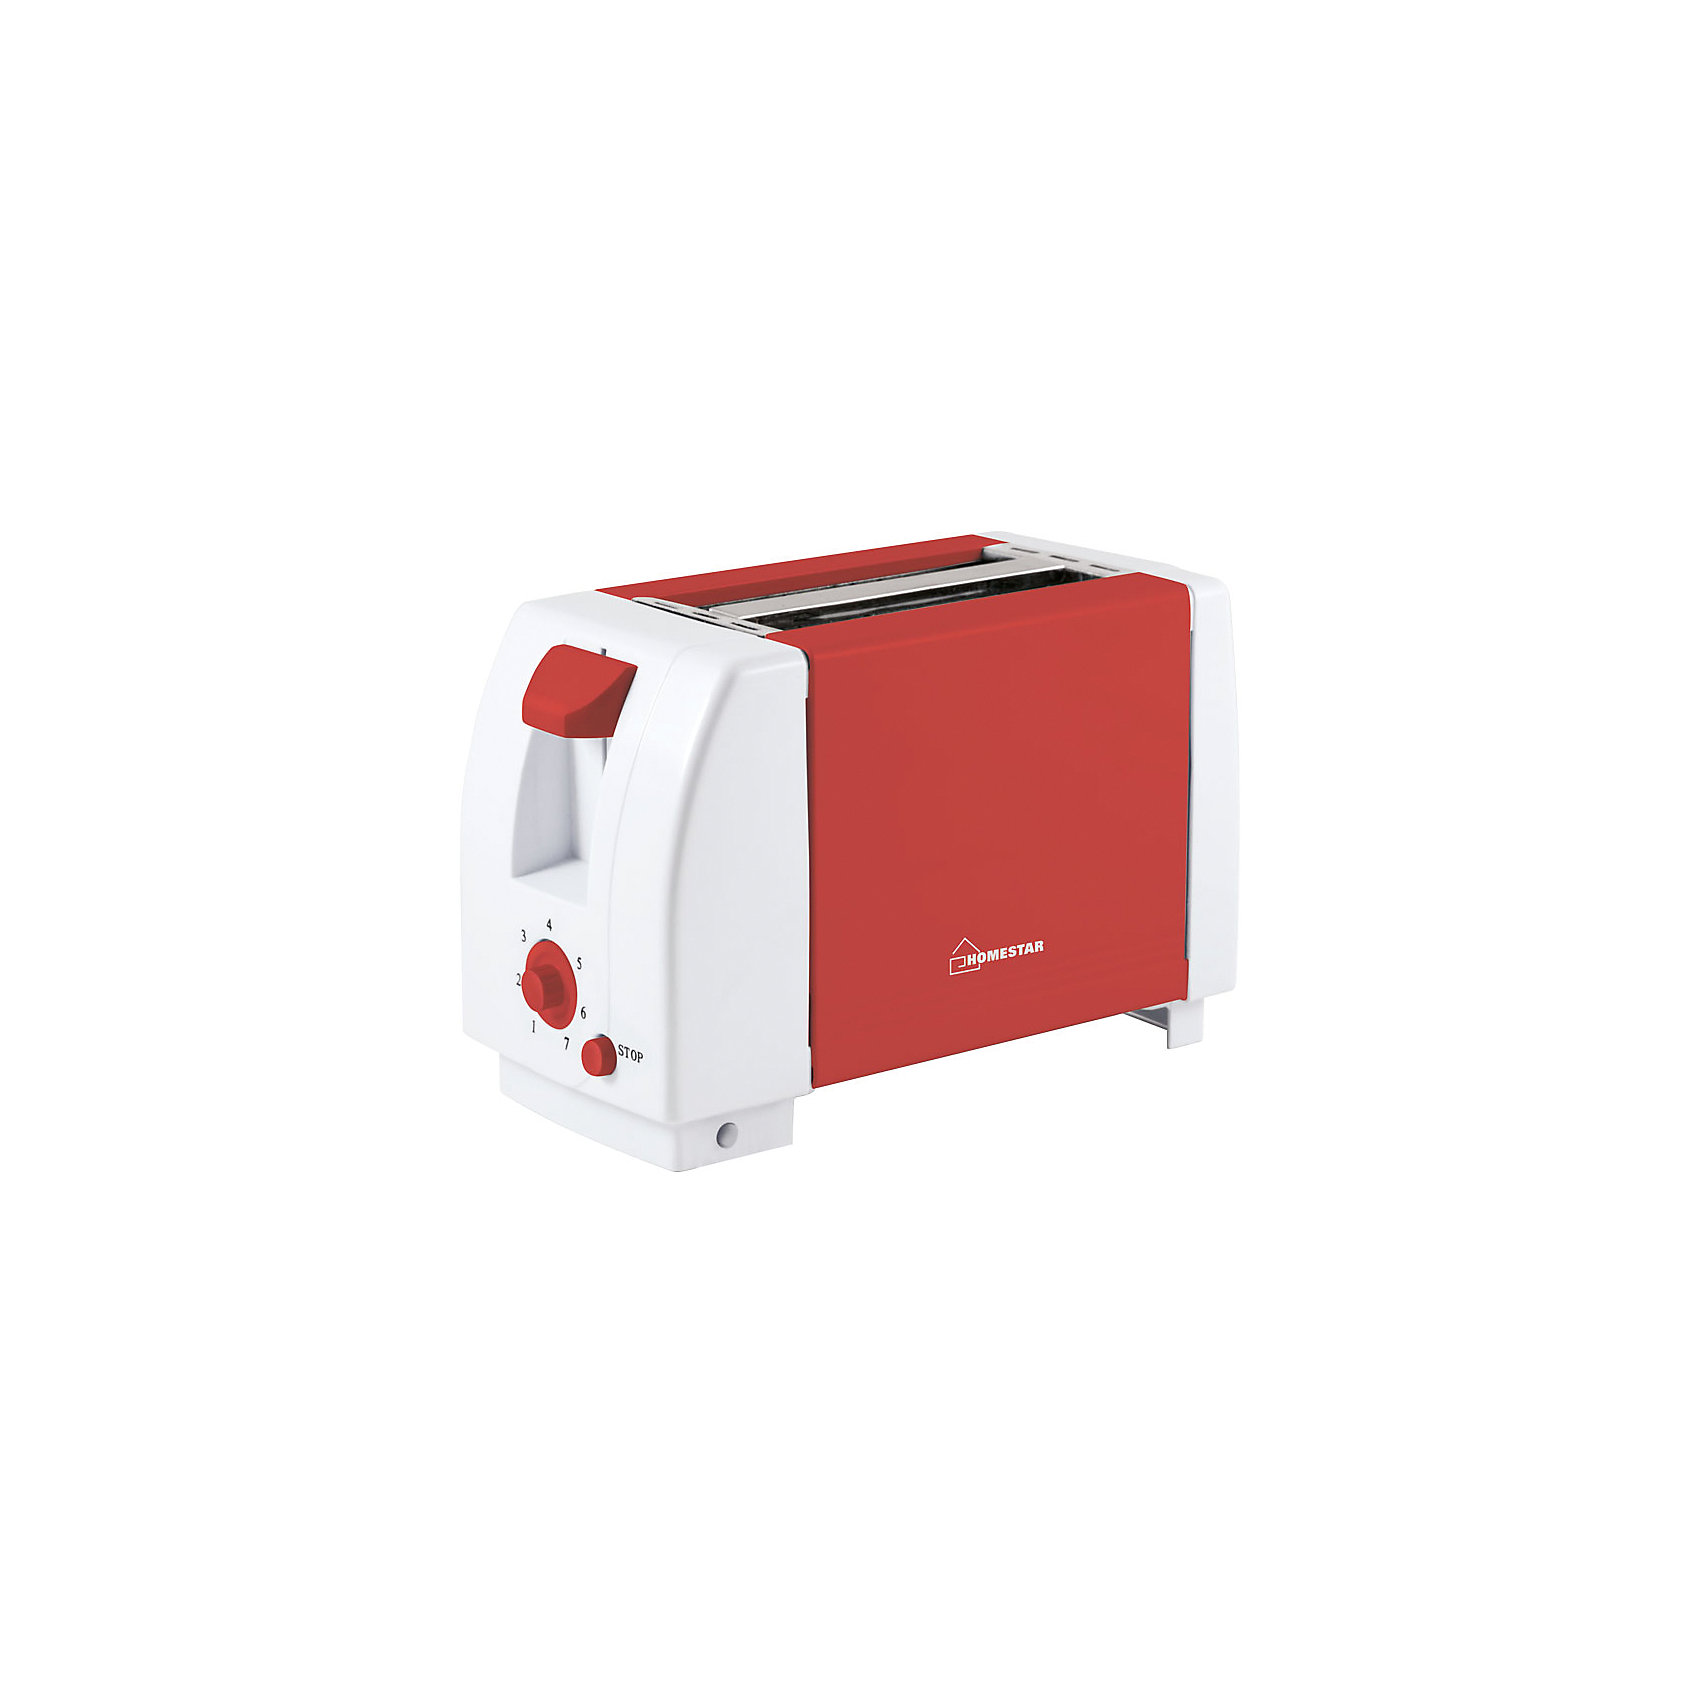 Тостер HS-2002  750Вт, HomeStar, коралловыйПриготовить хрустящие тосты помогает функциональный тостер HomeStar. 7 степеней прожарки хлеба дают возможность выбрать подходящий режим: с более поджаренной корочкой или только слегка подрумяненной. После приготовления тостов, они автоматически поднимутся наверх. На тостере имеется кнопка отмены выбранного режима. Тостер оснащен двумя широкими слотами для хлеба. Имеется специальный поддон для крошек. <br><br>Дополнительная информация:<br><br>Размеры тостера: 27,5х12,3х17,3 см<br><br>Мощность 750 Вт<br>Напряжение: 230В, 50 Гц<br><br>Тостер HS-2002  750Вт, HomeStar, коралловый можно купить в нашем интернет-магазине.<br><br>Ширина мм: 280<br>Глубина мм: 120<br>Высота мм: 180<br>Вес г: 990<br>Возраст от месяцев: 216<br>Возраст до месяцев: 1080<br>Пол: Унисекс<br>Возраст: Детский<br>SKU: 4989893